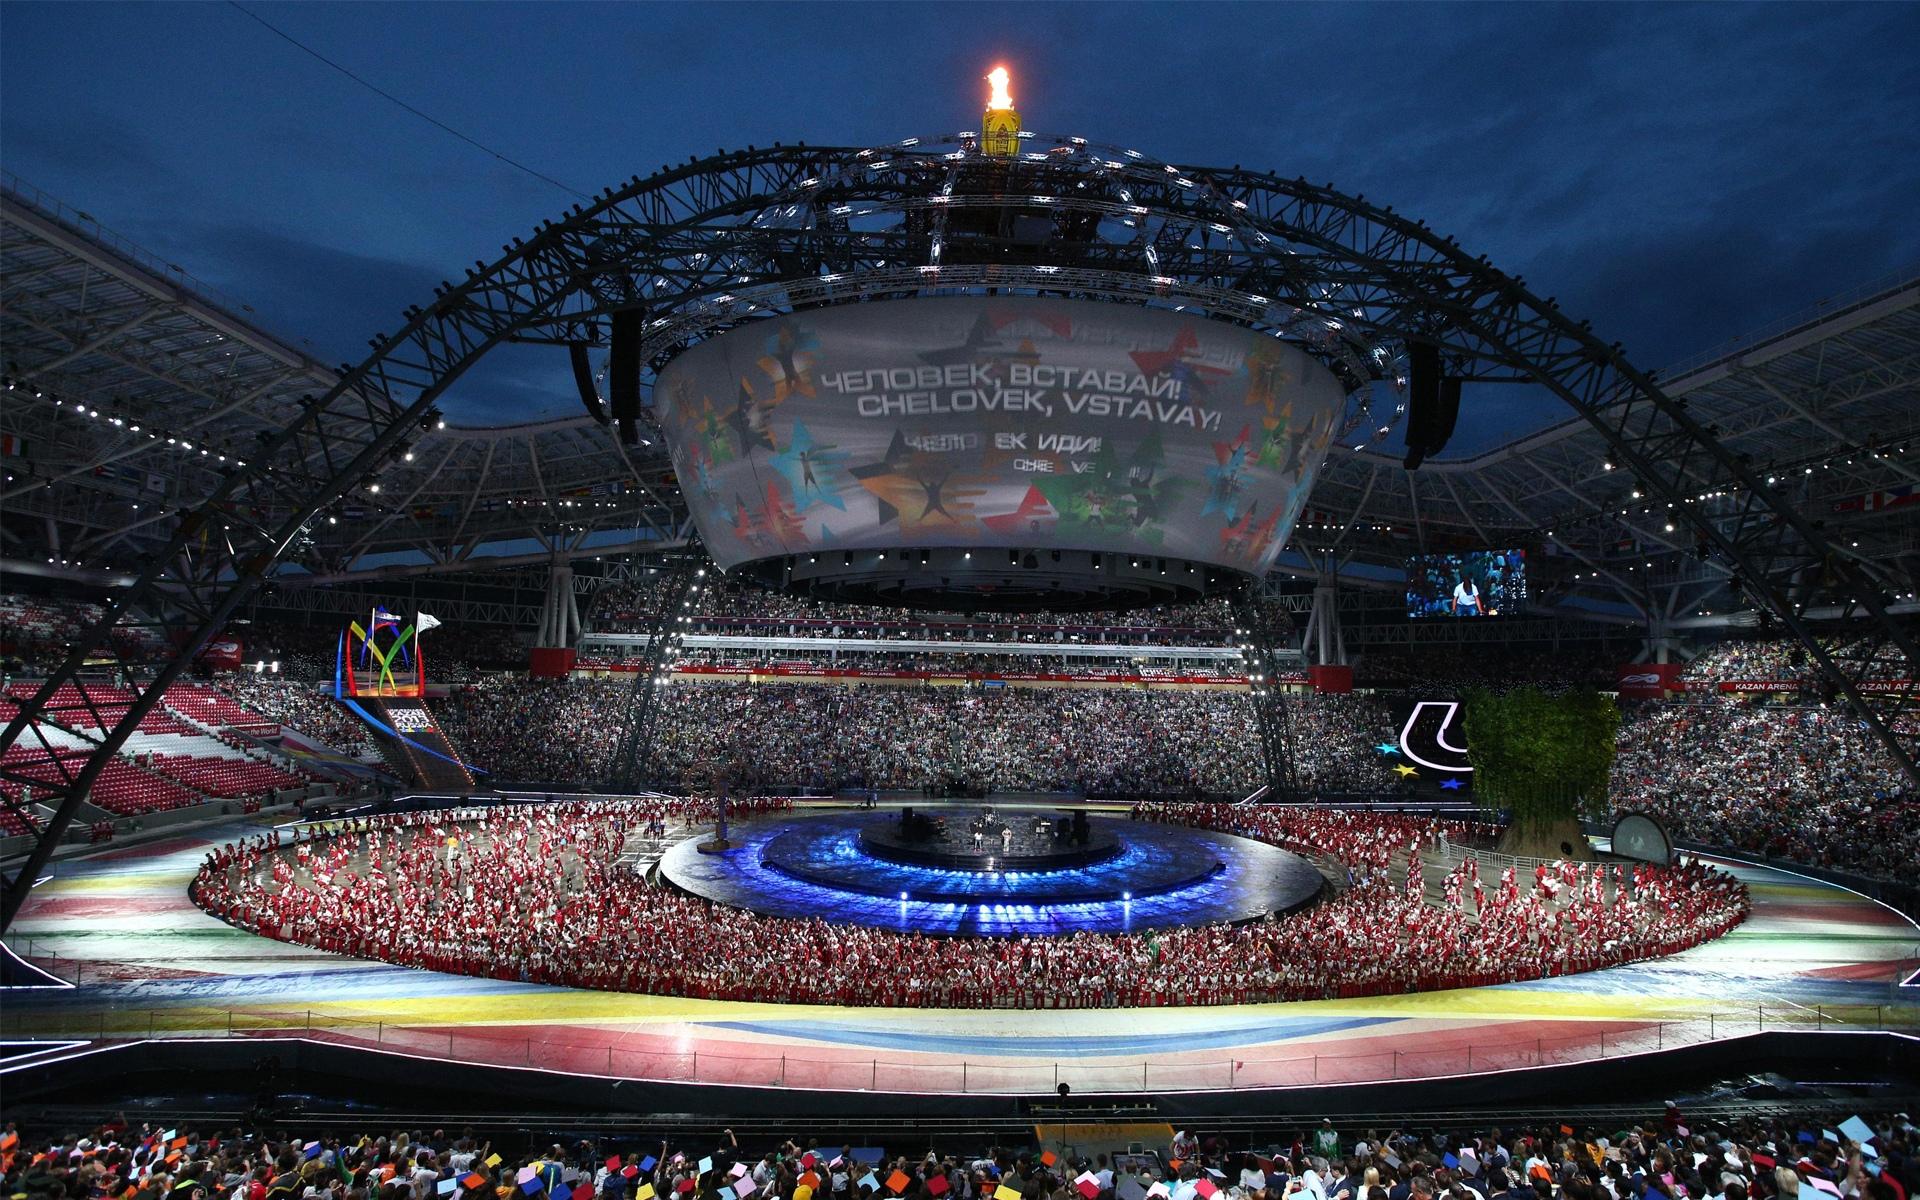 涉嫌非法转播世界杯比赛 一中东电视台将被起诉